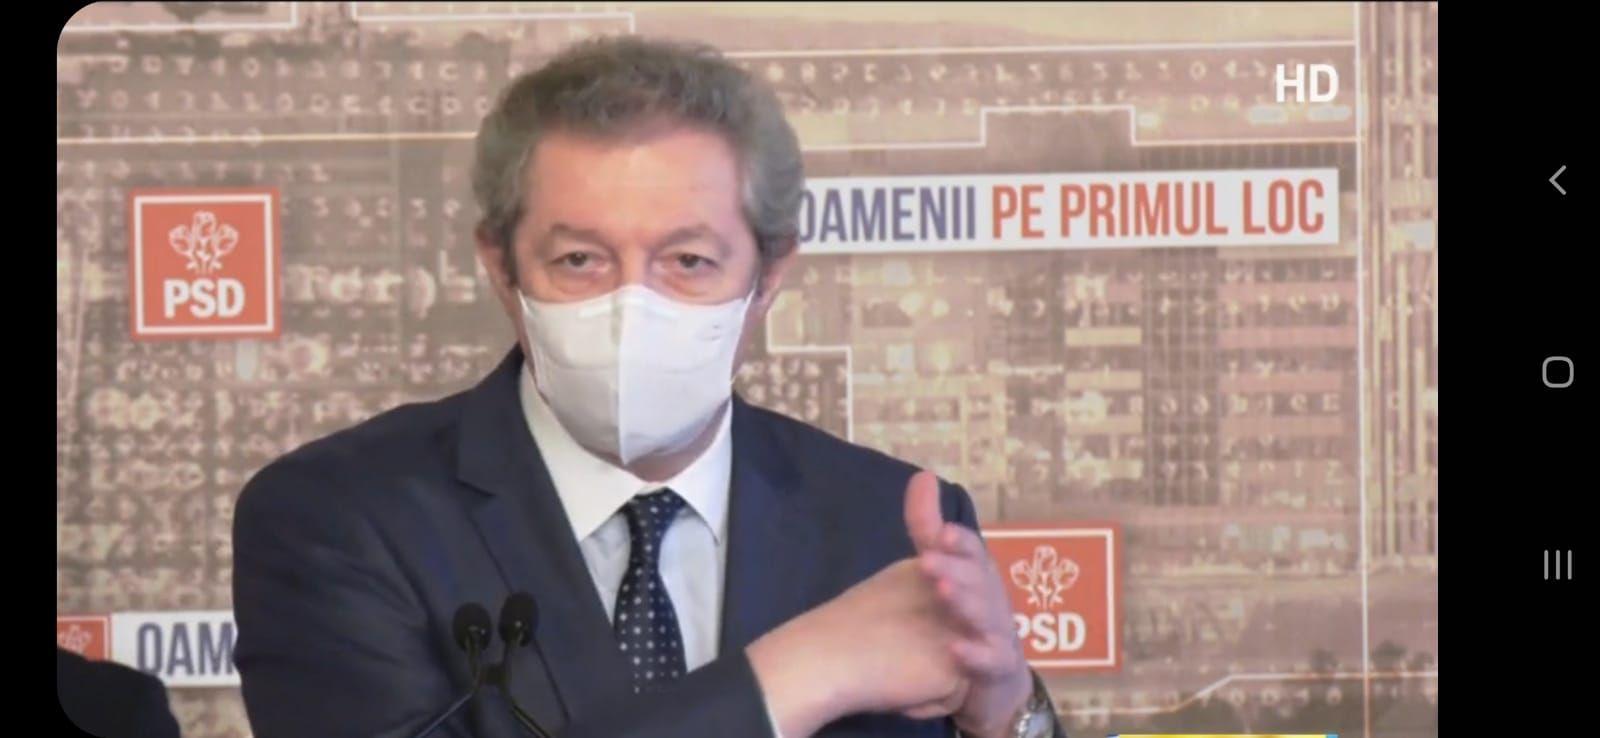 Adrian Streinu Cercel, despre medicii care critică vaccinul anti-covid: Să tacă din gură sau să își asume morții!